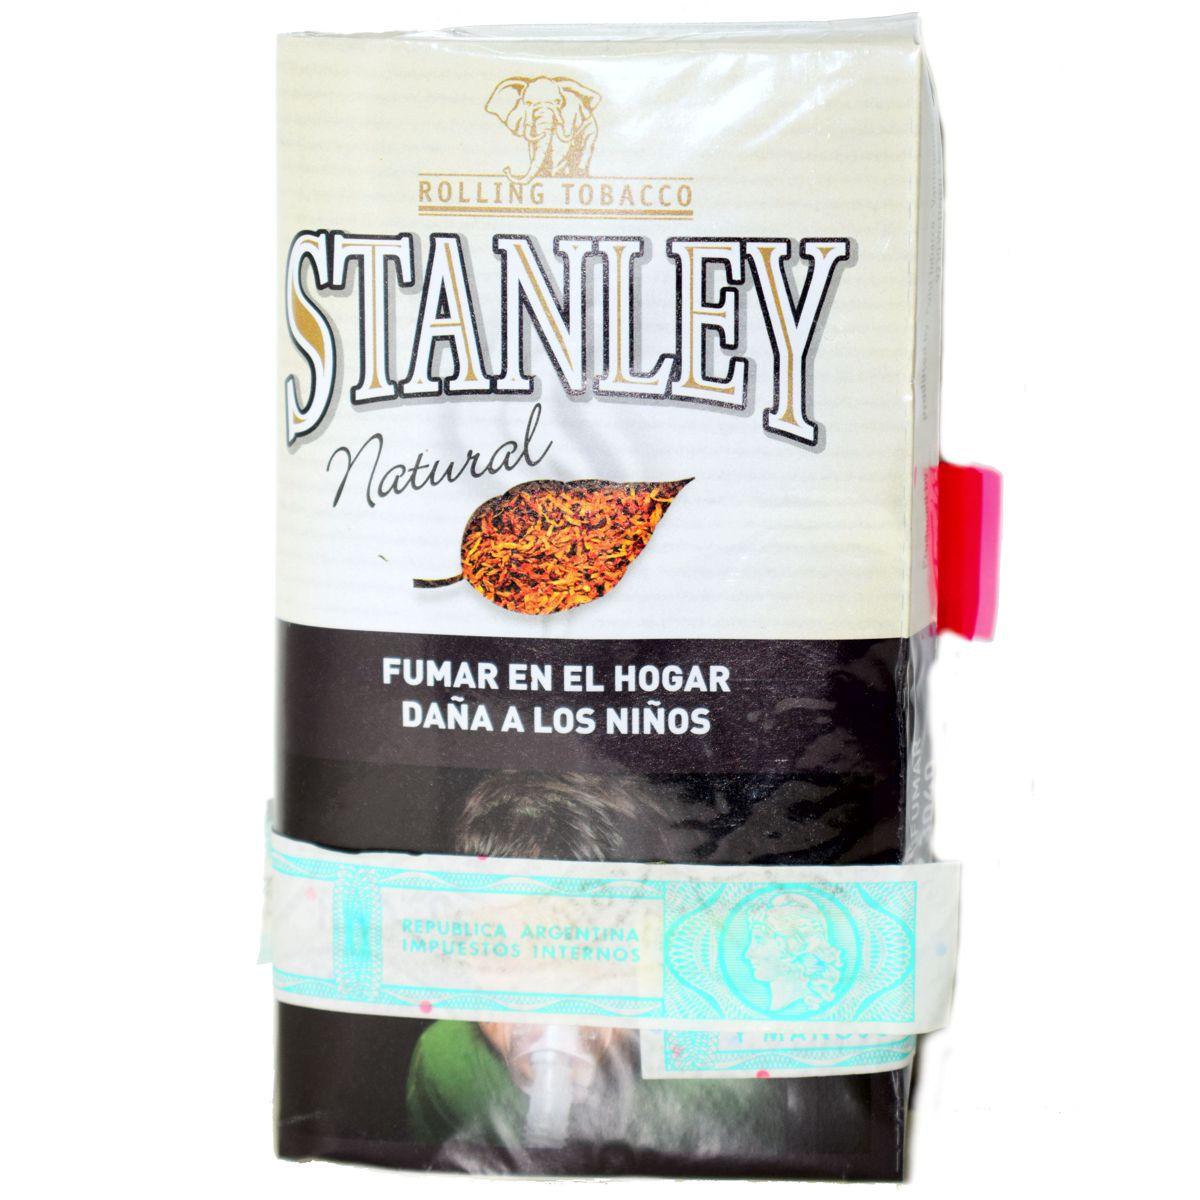 tabaco stanley natural venta